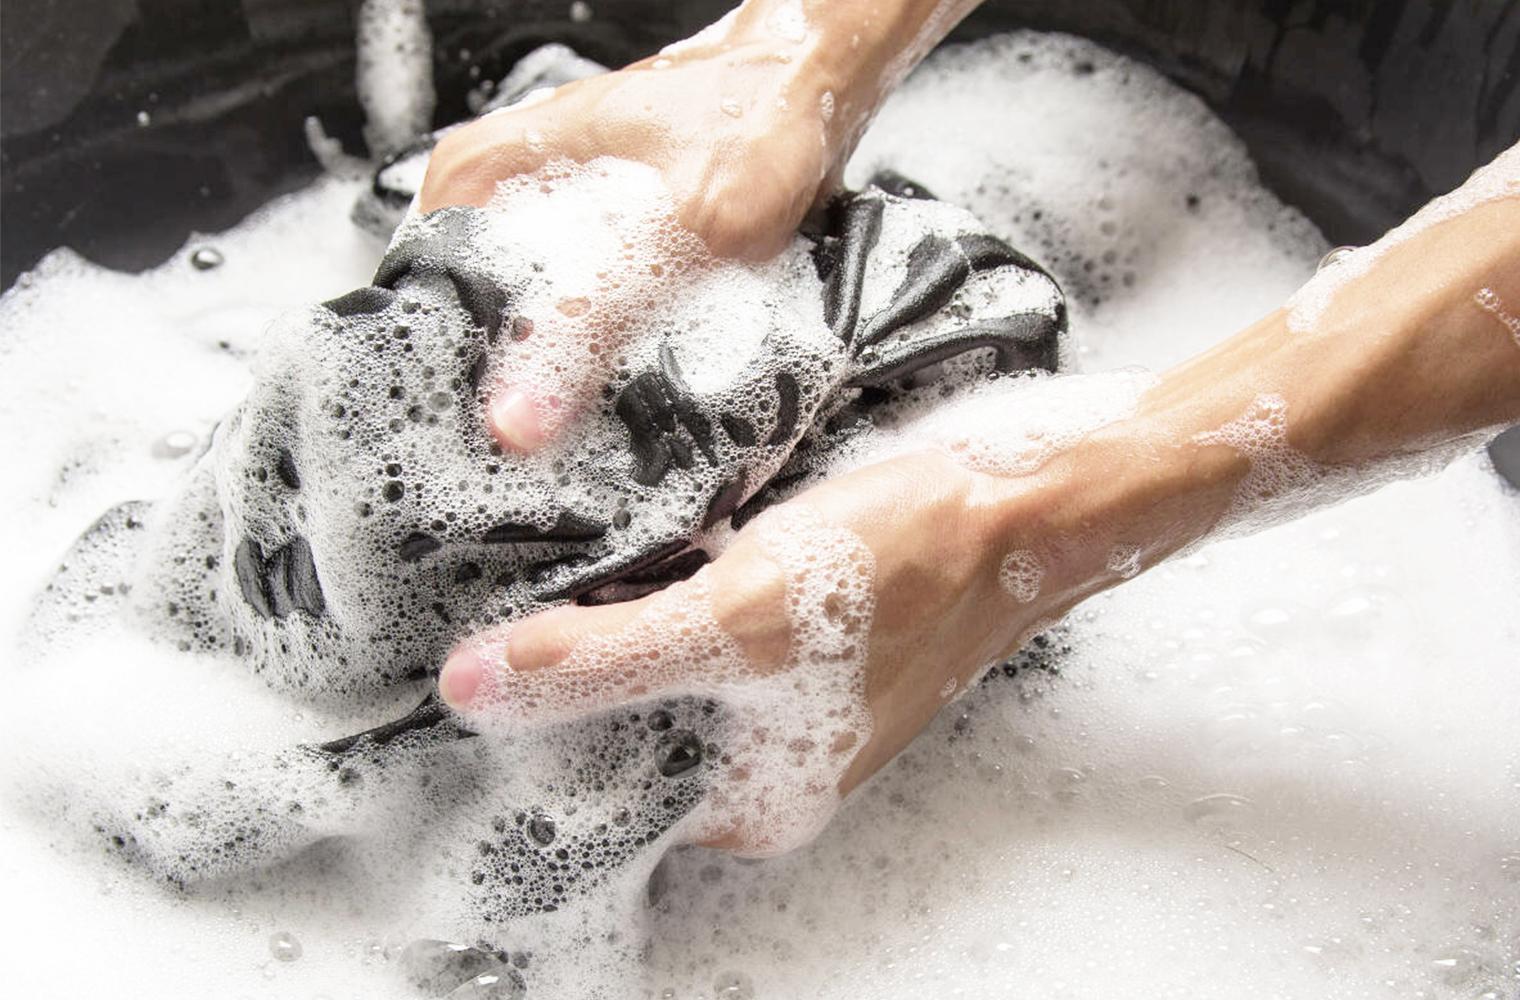 Дезинфекция одежды – как стирать одежду вручную и проводить дезинфекцию